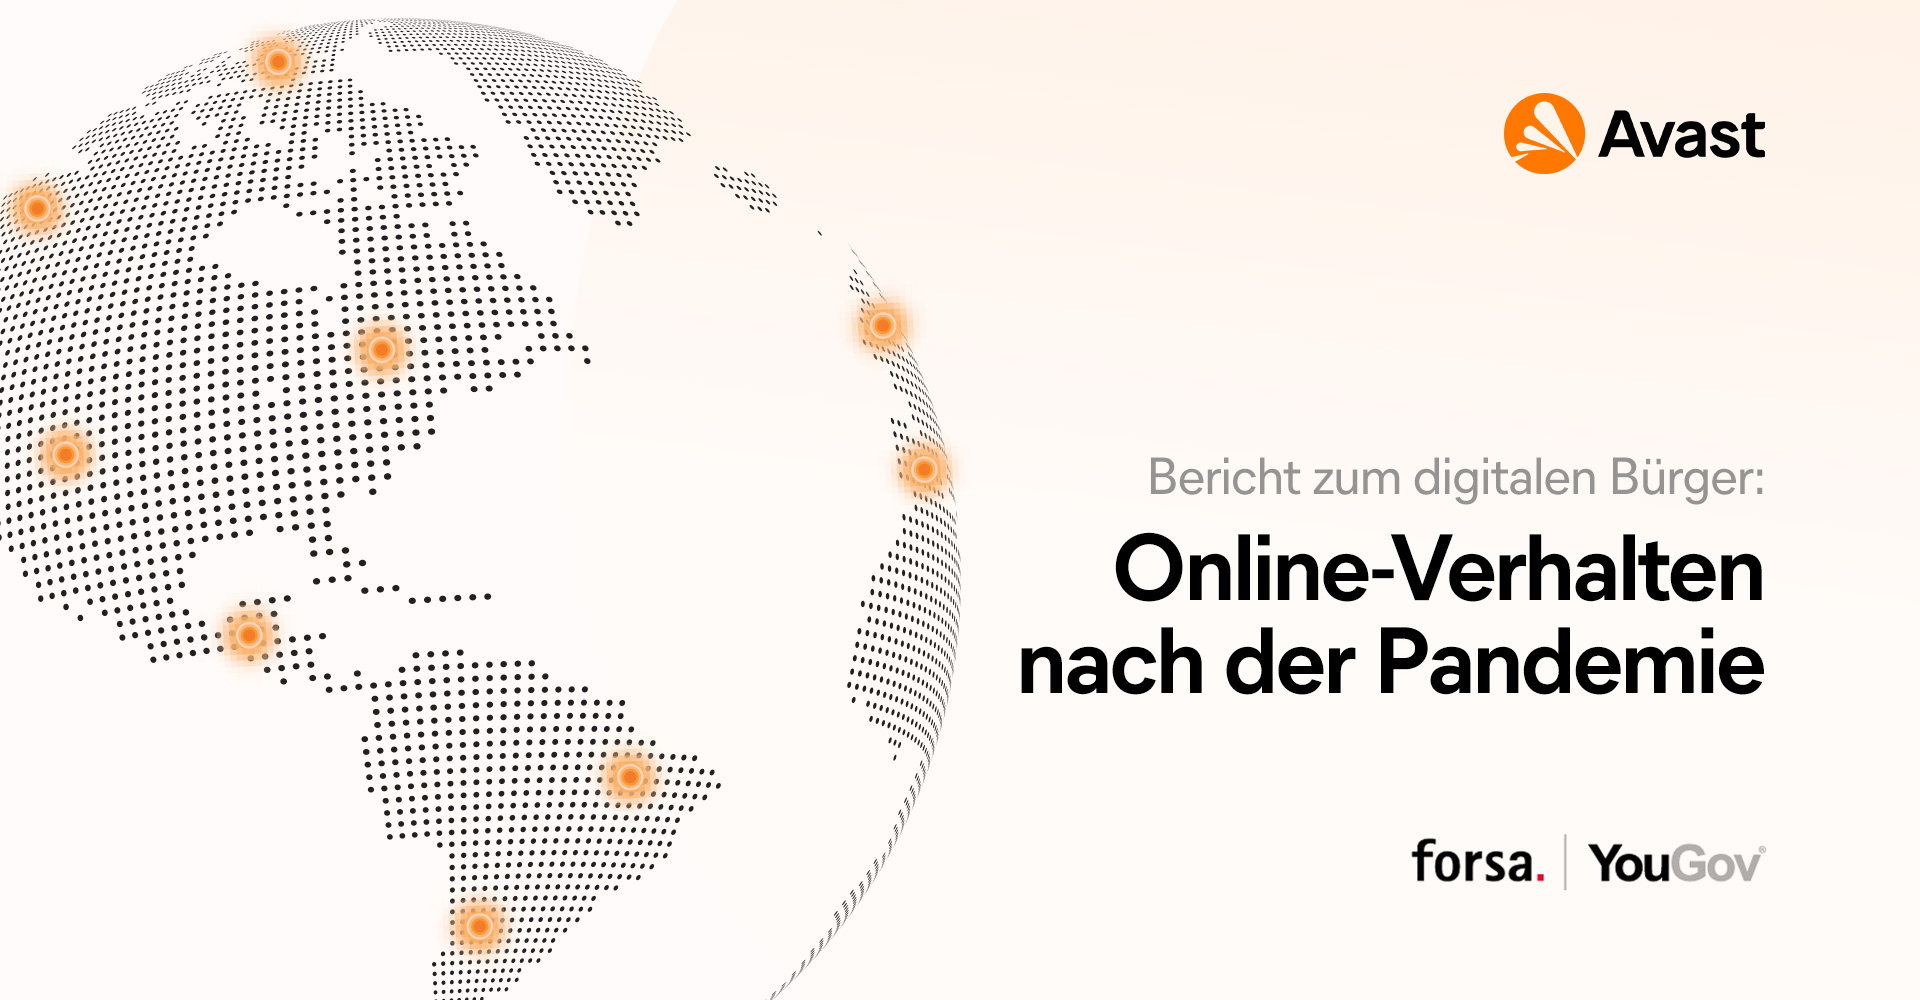 Pandemie Internet-Nutzer globale Auswirkungen